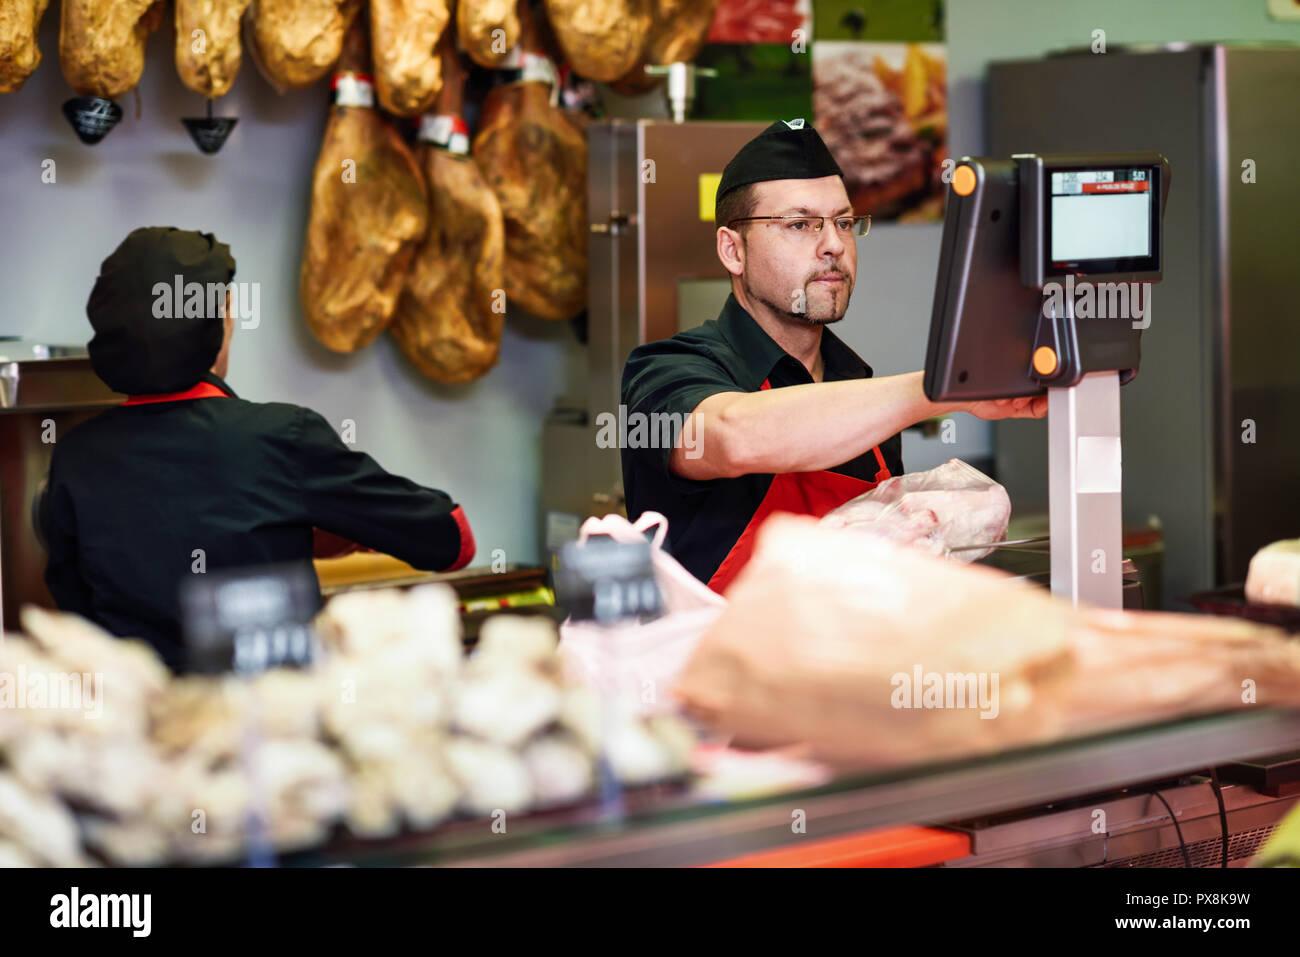 Carnicero en una carnicería pesa la carne y carga con jamón en el fondo Imagen De Stock